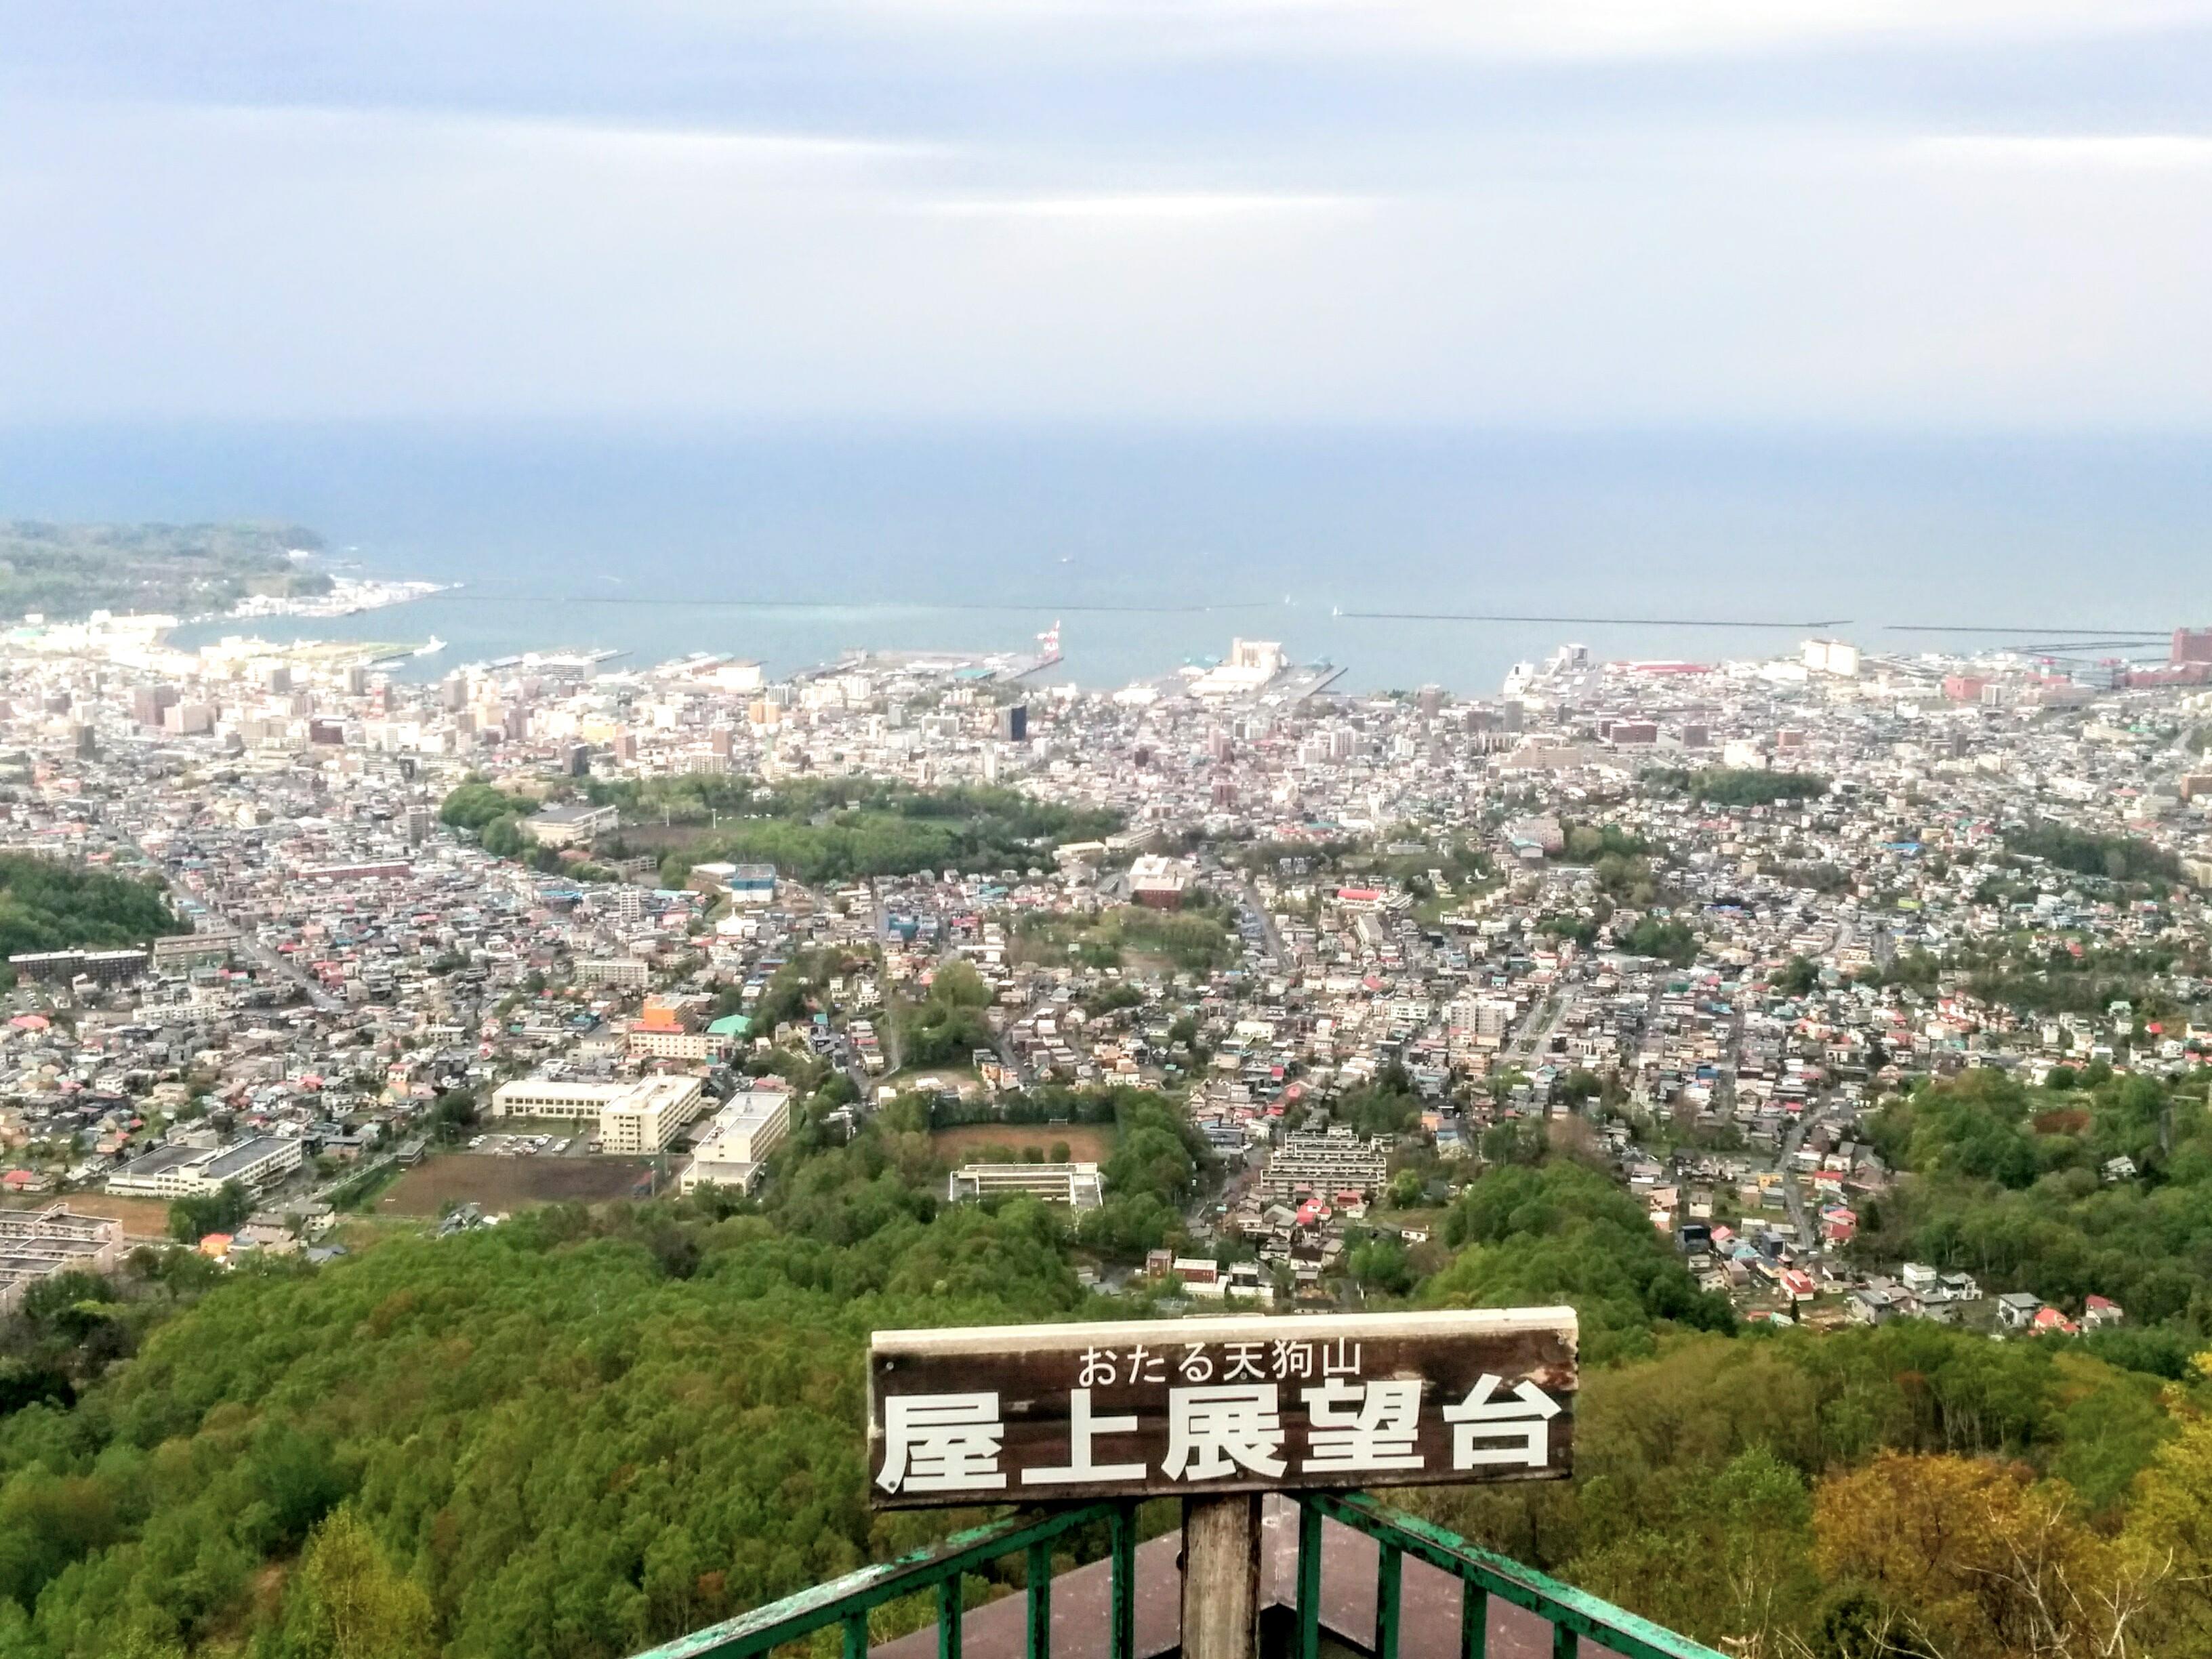 【小樽】北海道小樽港観光案内です。